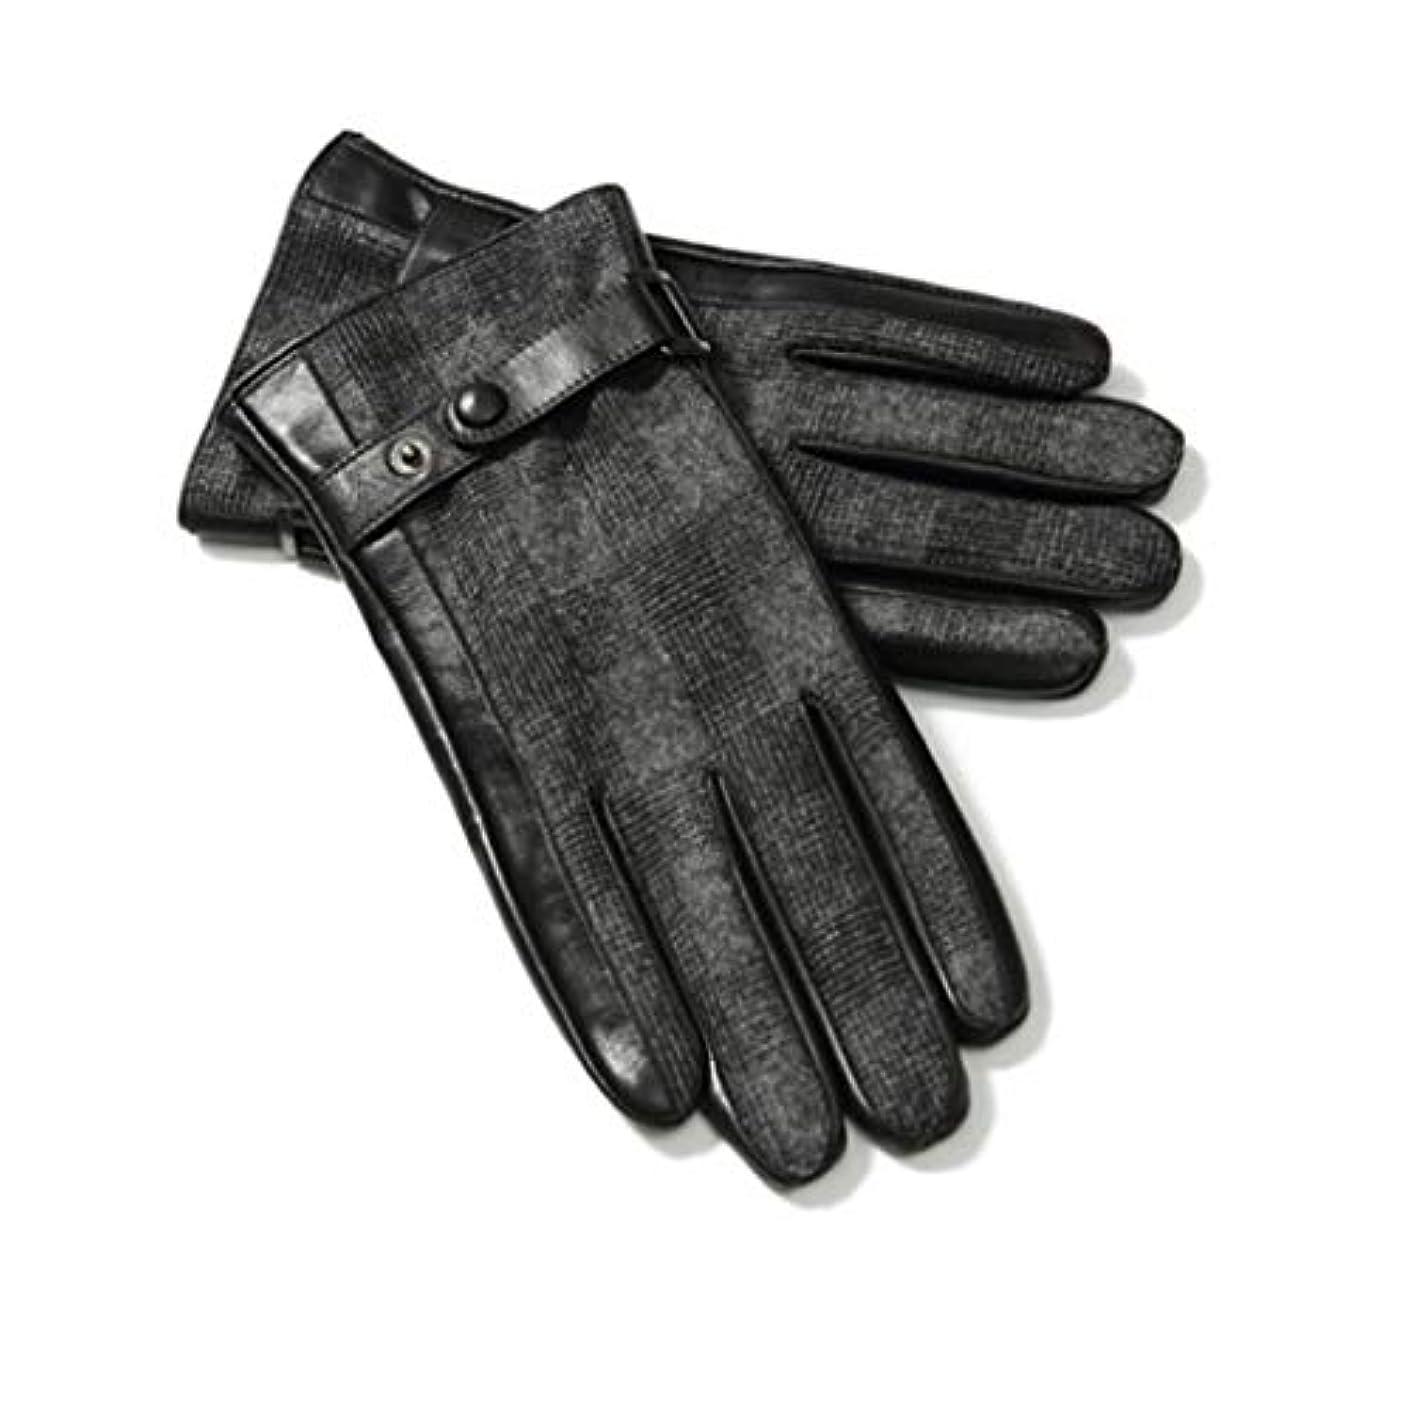 メロディアスウィスキー毎月レザーグローブメンズ秋冬ファッションプラスベルベット厚い暖かい防風コールドライディングバイクタッチスクリーンレザーグローブ男性ギフトボックスGLZ003 Lコード